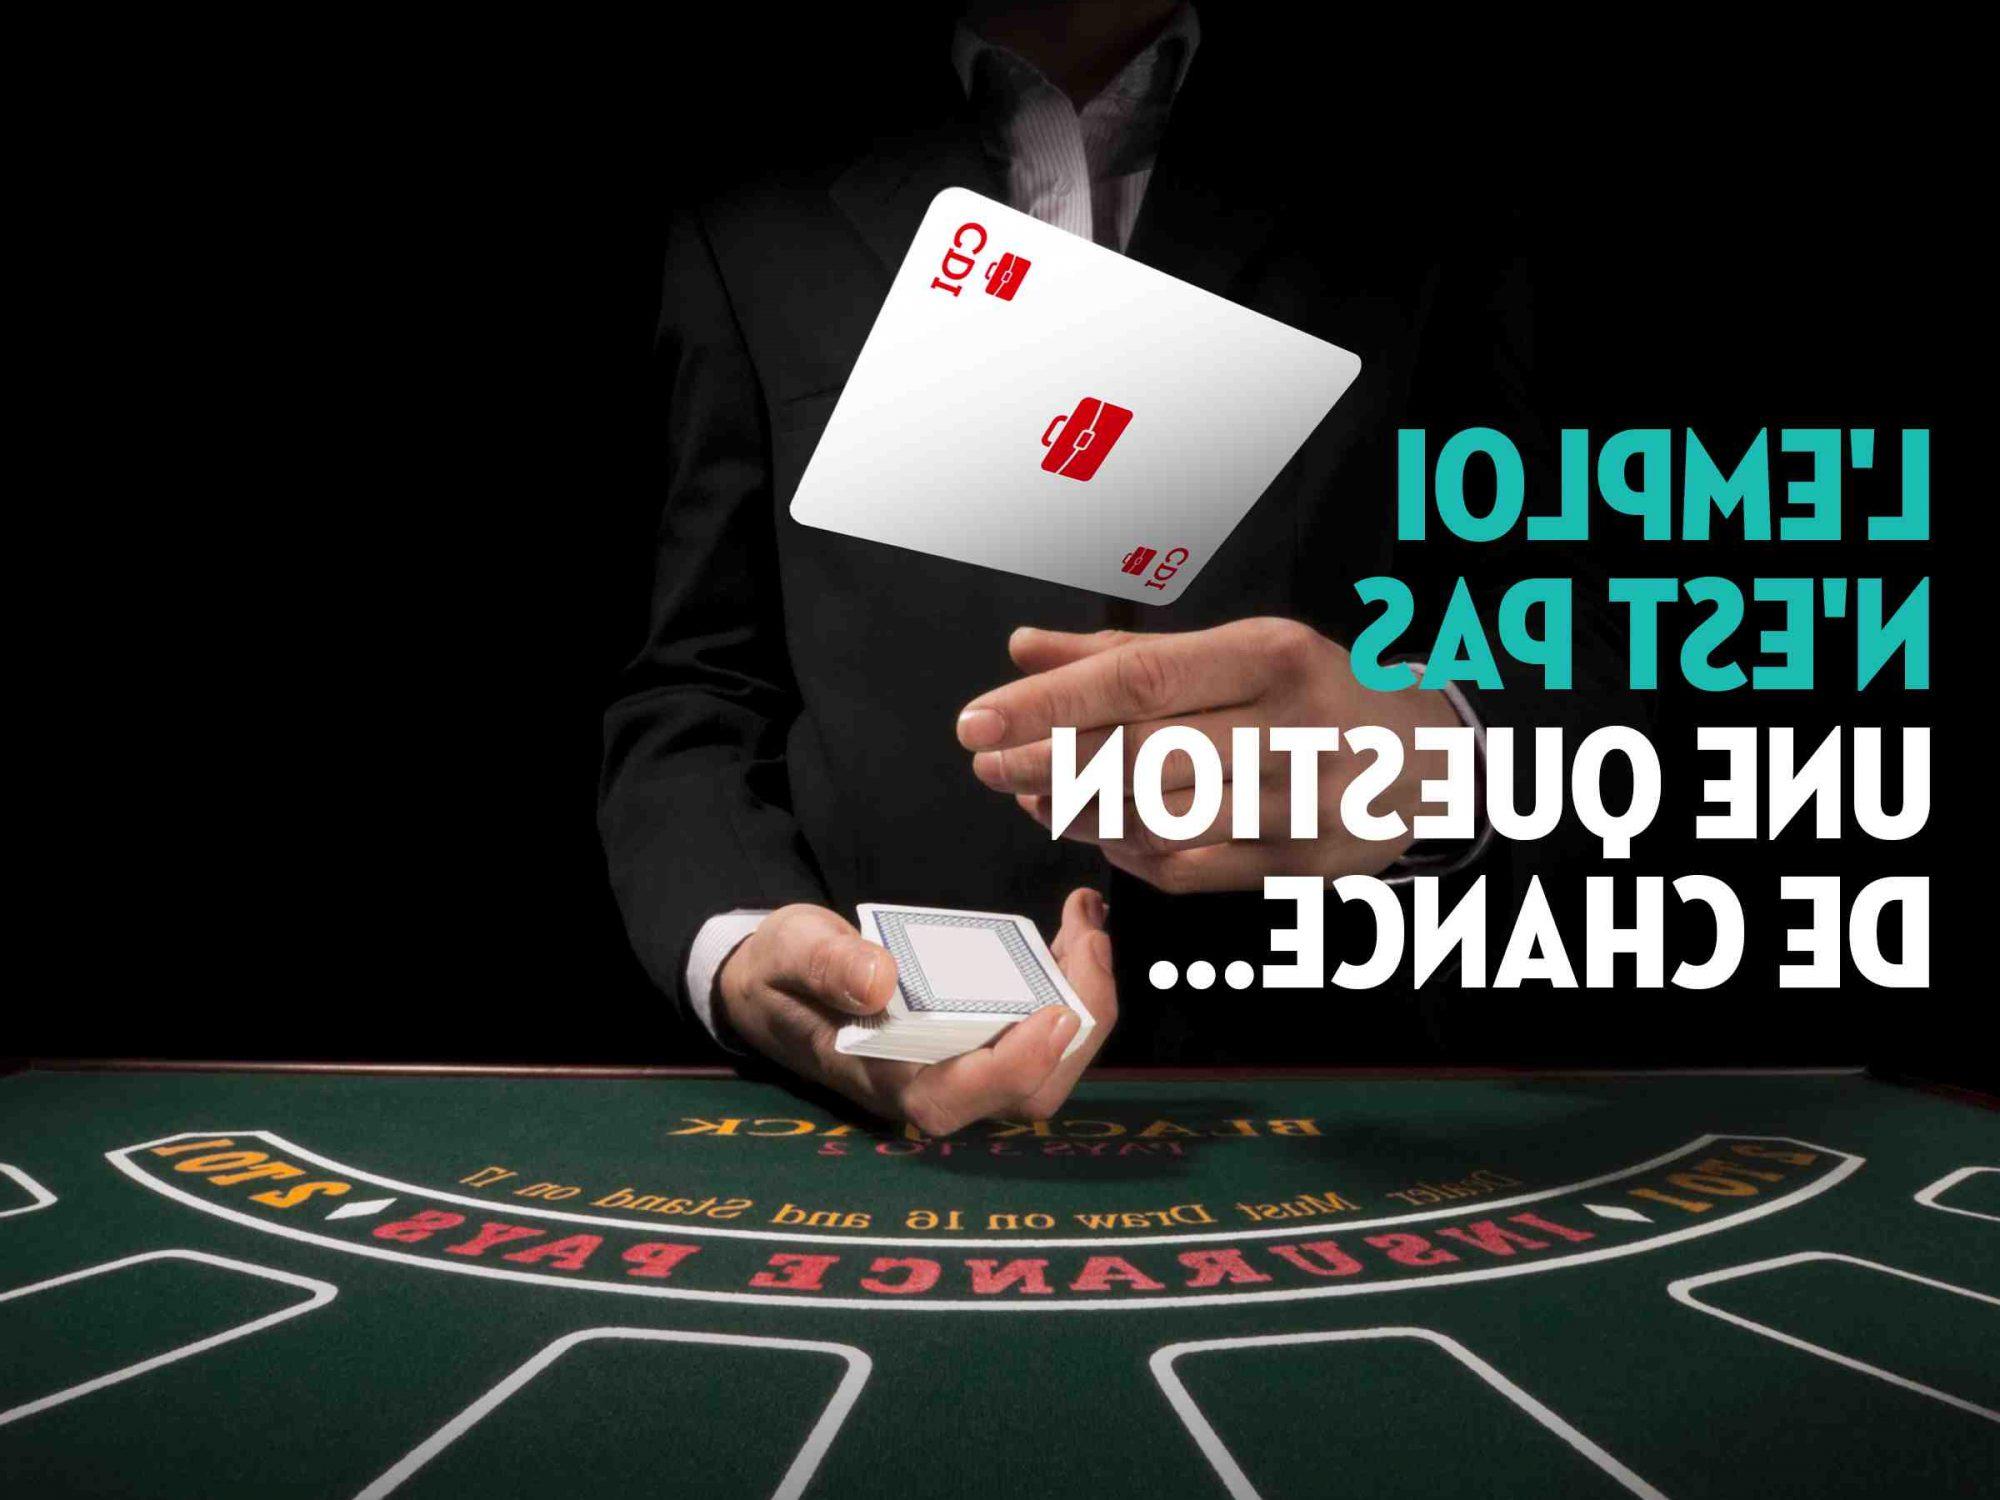 emplois dans le domaine des jeux d'argent